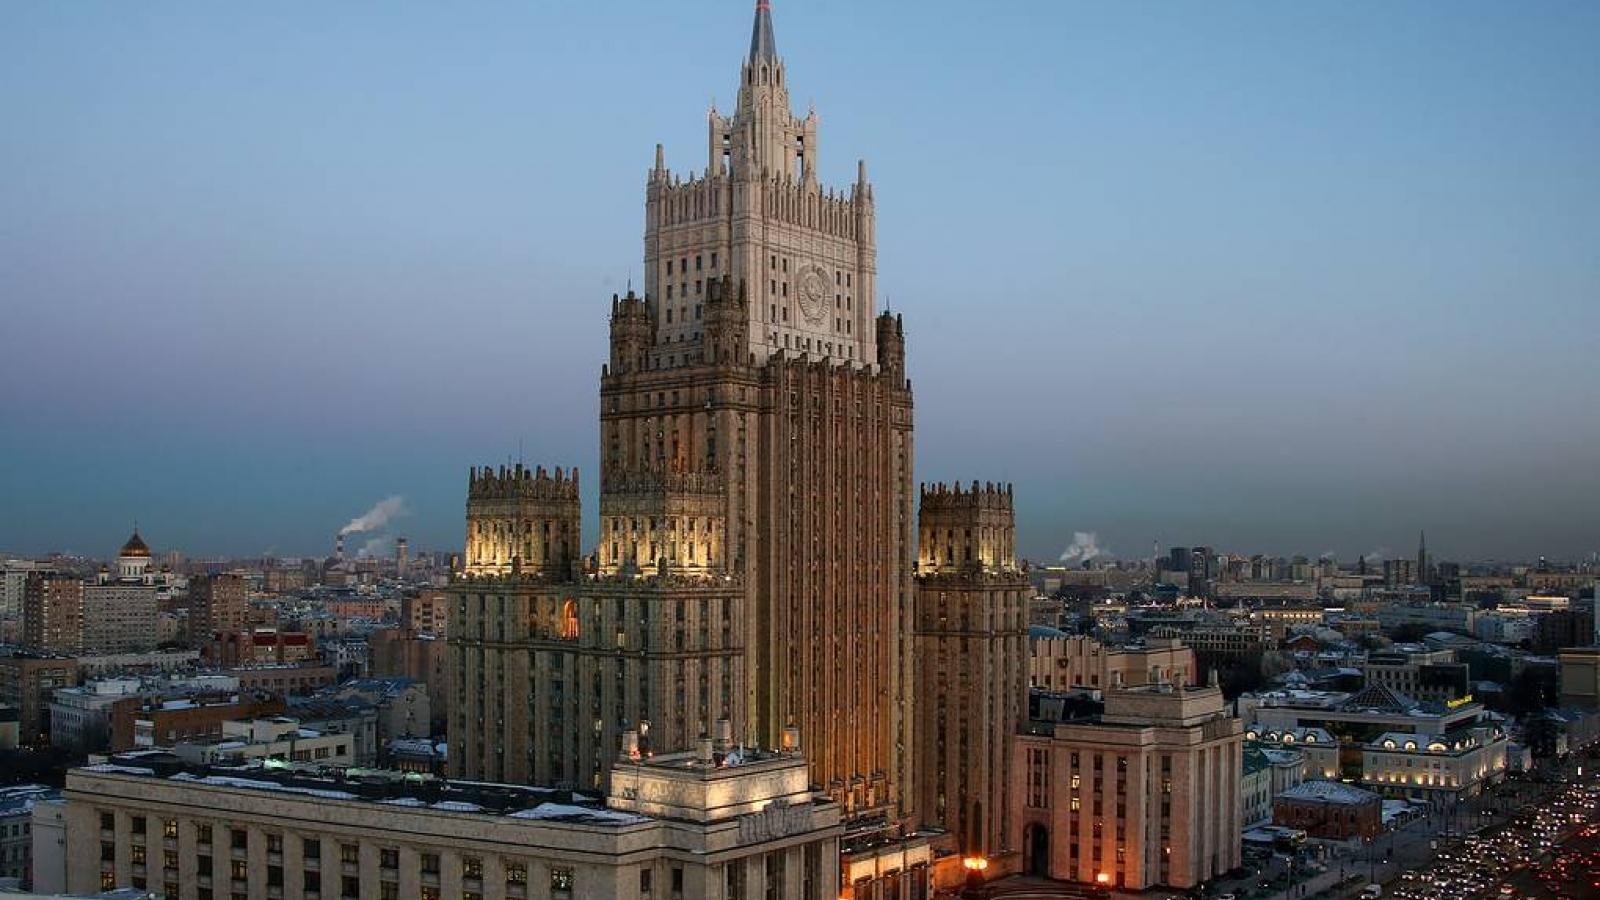 Nga cáo buộc NATO làm biến dạng hệ thống an ninh ở châu Âu